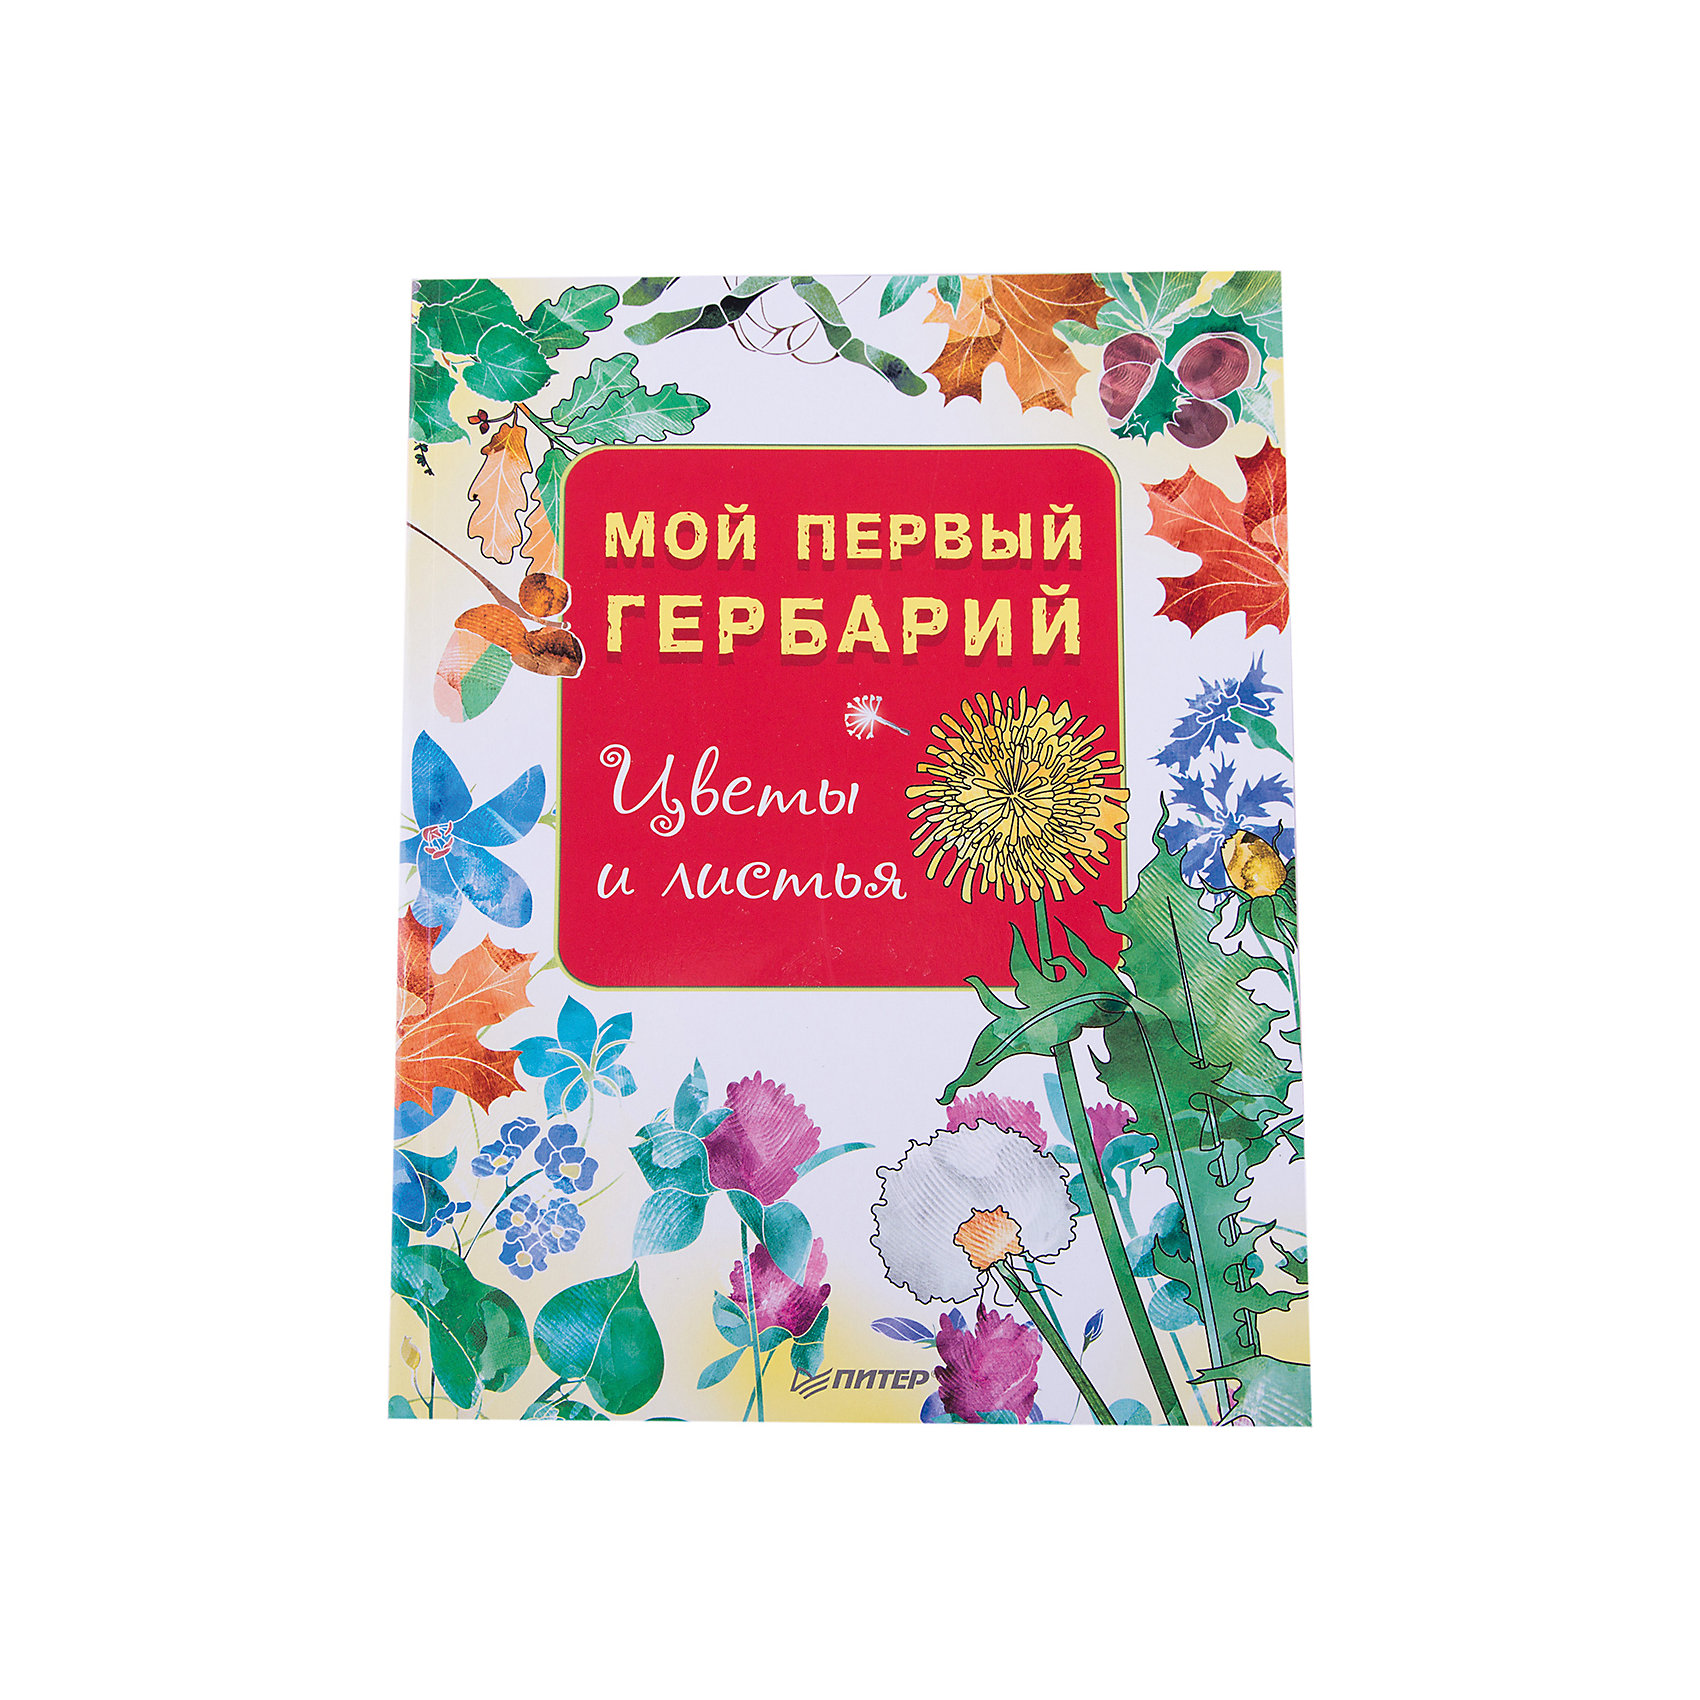 Книга Мой первый гербарий: Цветы и листьяКниги по рукоделию<br>Гербарий для самых маленьких - на каждой странице есть названия и изображения встречающихся в России лесных и полевых цветов, а также место для приклеивания высушенного образца.<br><br>Ширина мм: 252<br>Глубина мм: 195<br>Высота мм: 100<br>Вес г: 166<br>Возраст от месяцев: 72<br>Возраст до месяцев: 2147483647<br>Пол: Унисекс<br>Возраст: Детский<br>SKU: 5576704